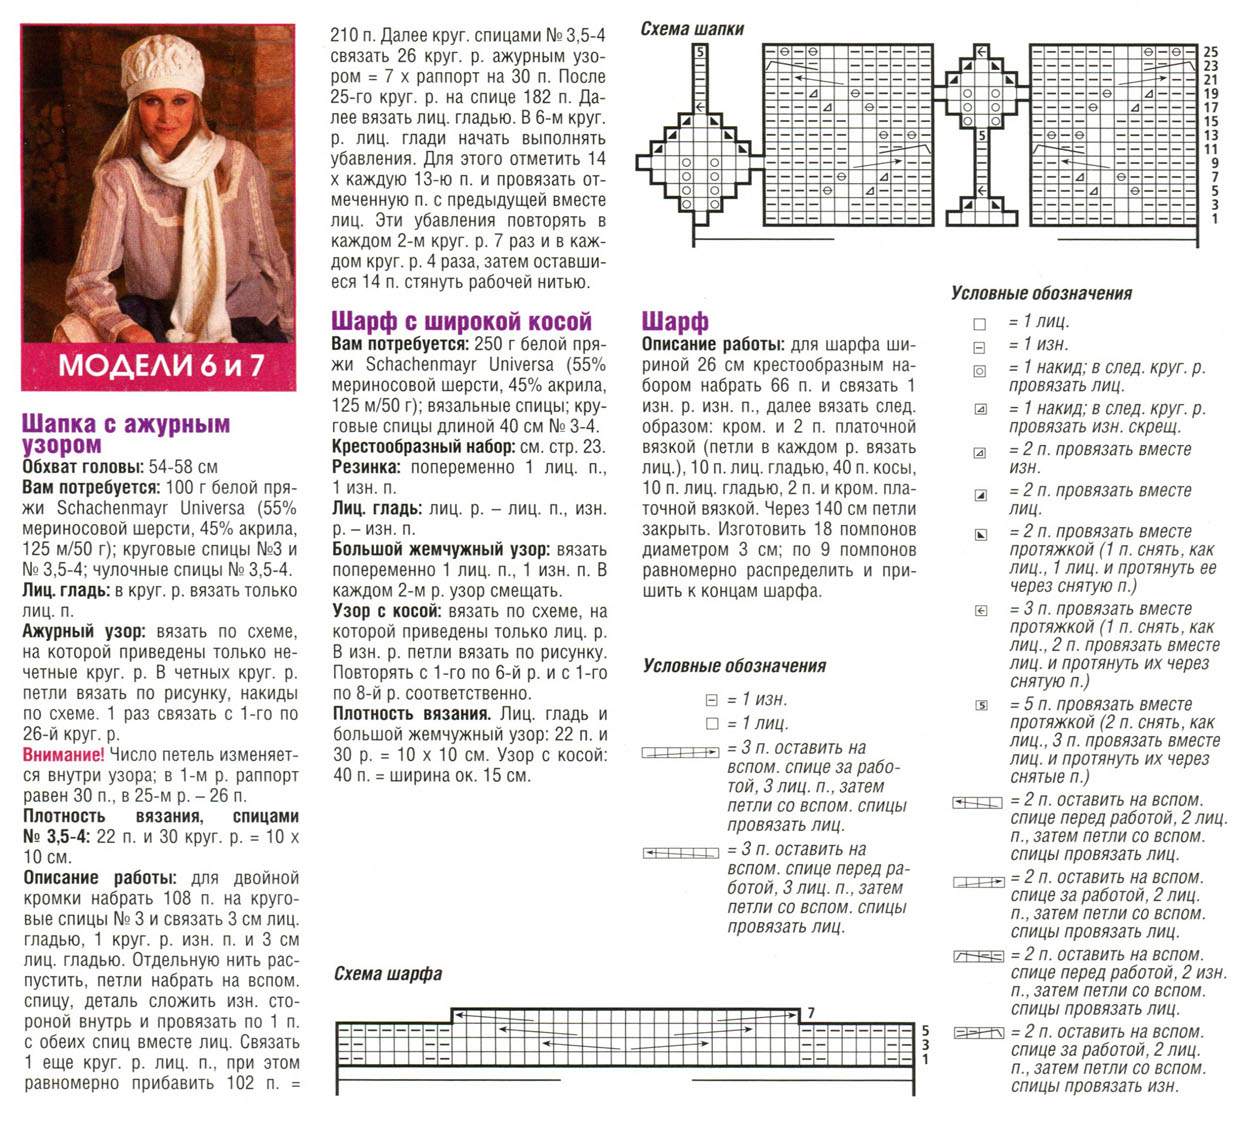 Вязание для женщин с описанием и рисунками